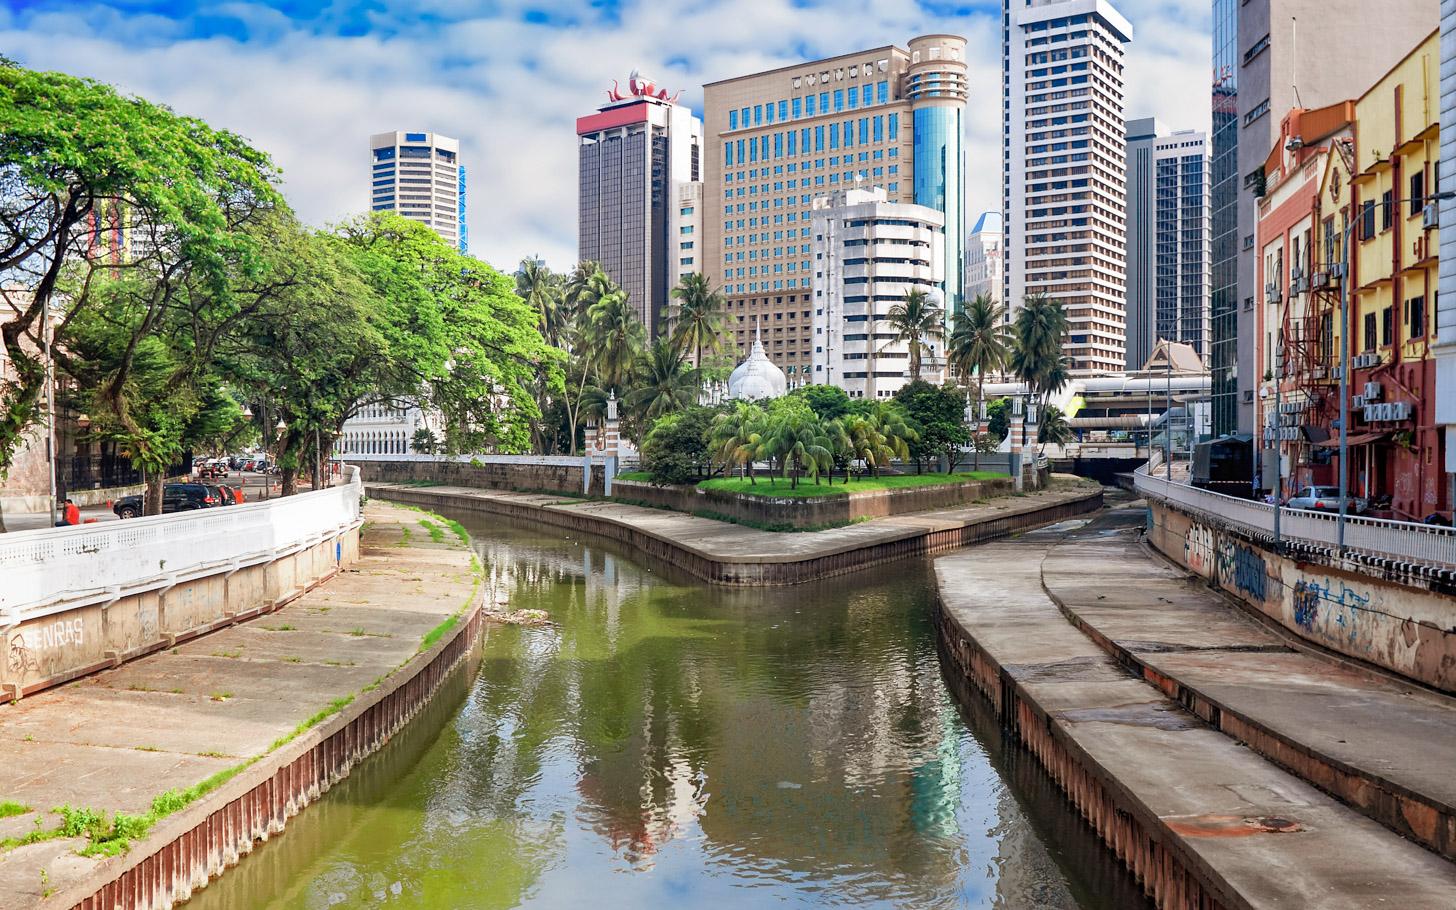 De plek waar de rivieren Klang en Gombak samenkomen